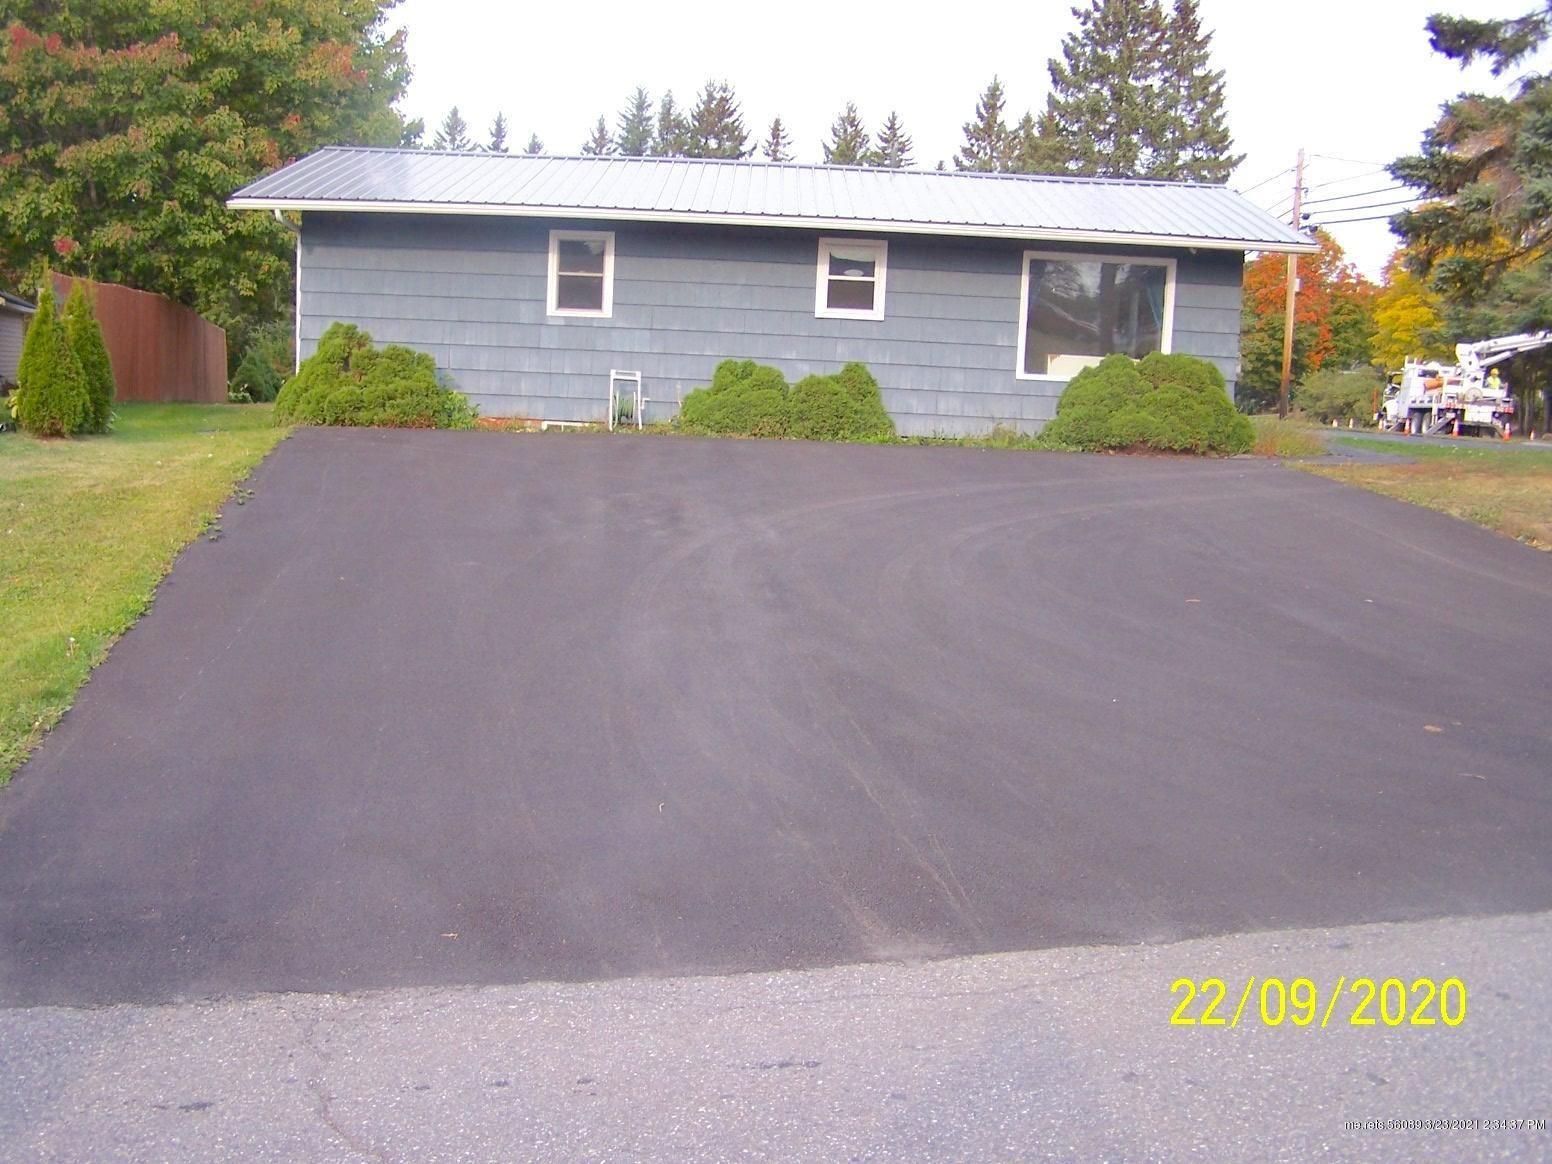 Photo of 110 Academy Street, Presque Isle, ME 04769 (MLS # 1485159)